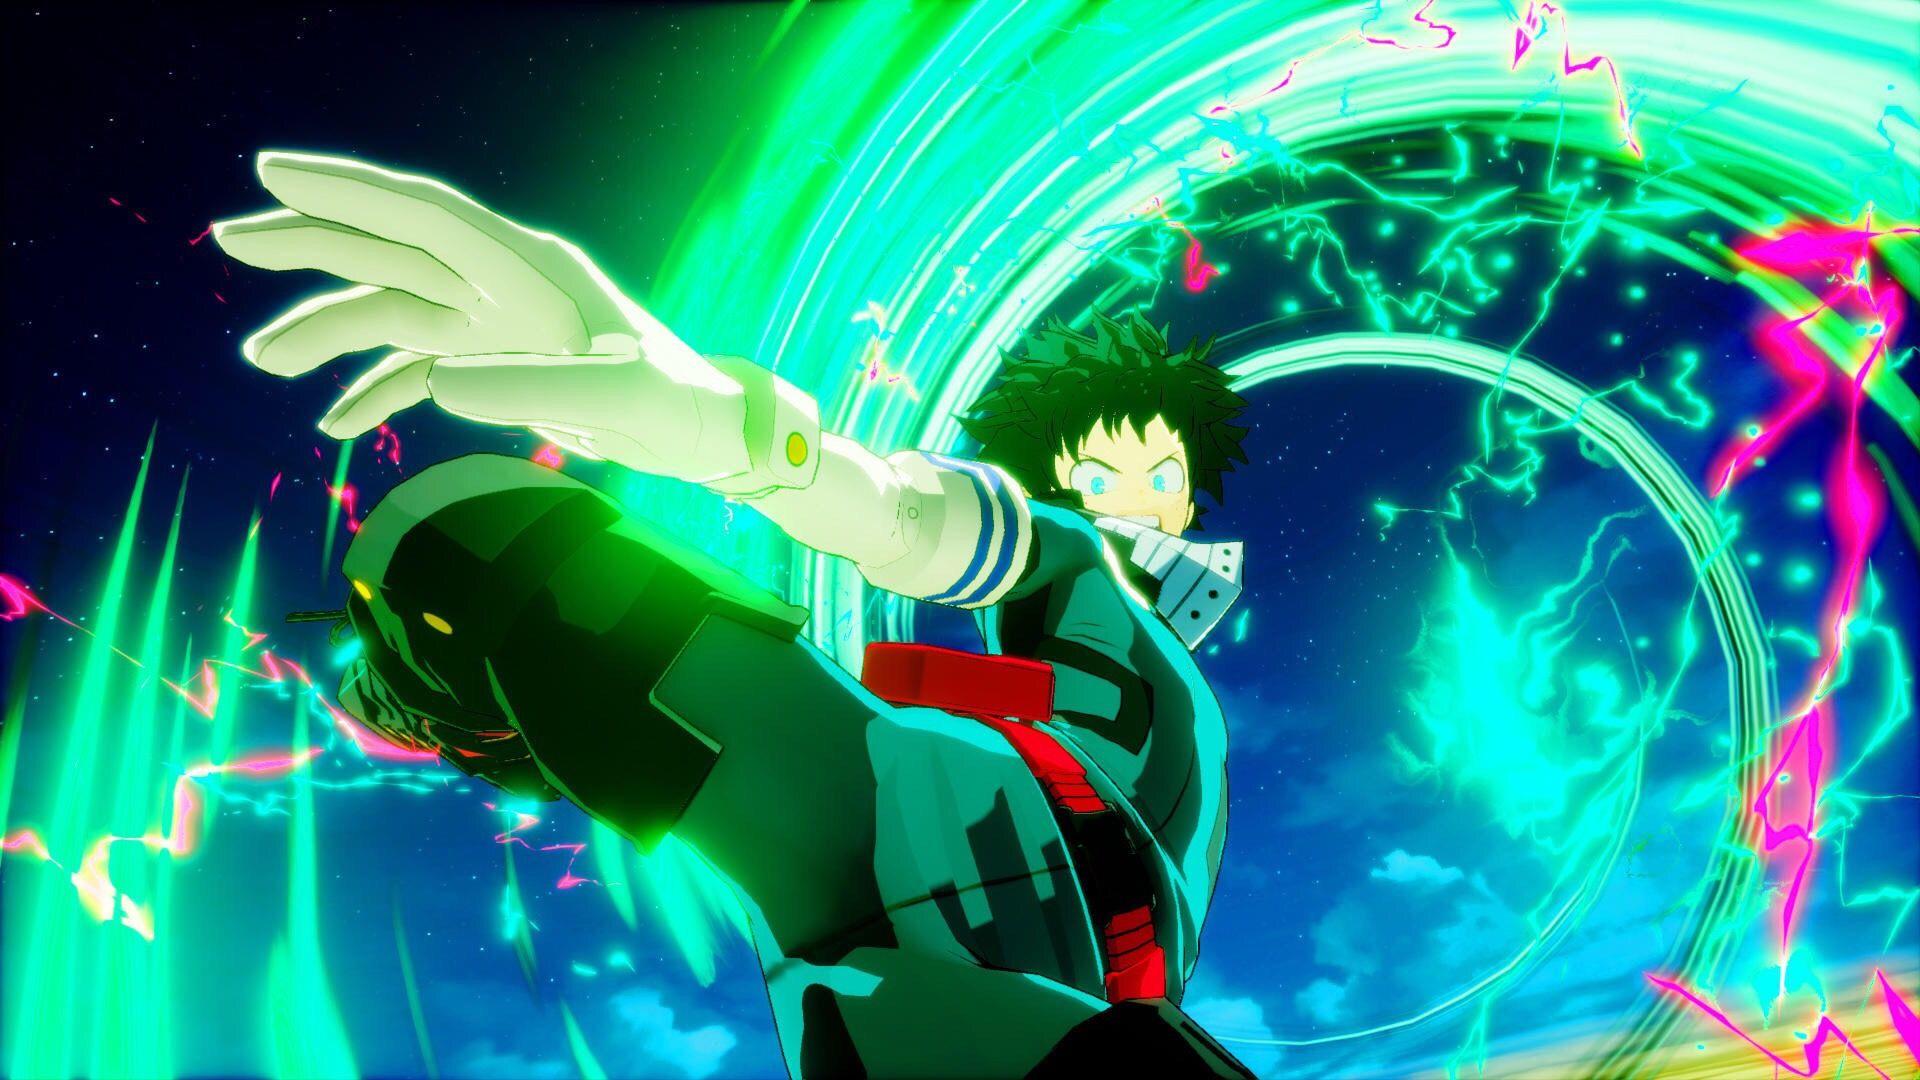 Pin by Kurage on Boku No Hero Academia My hero, My hero